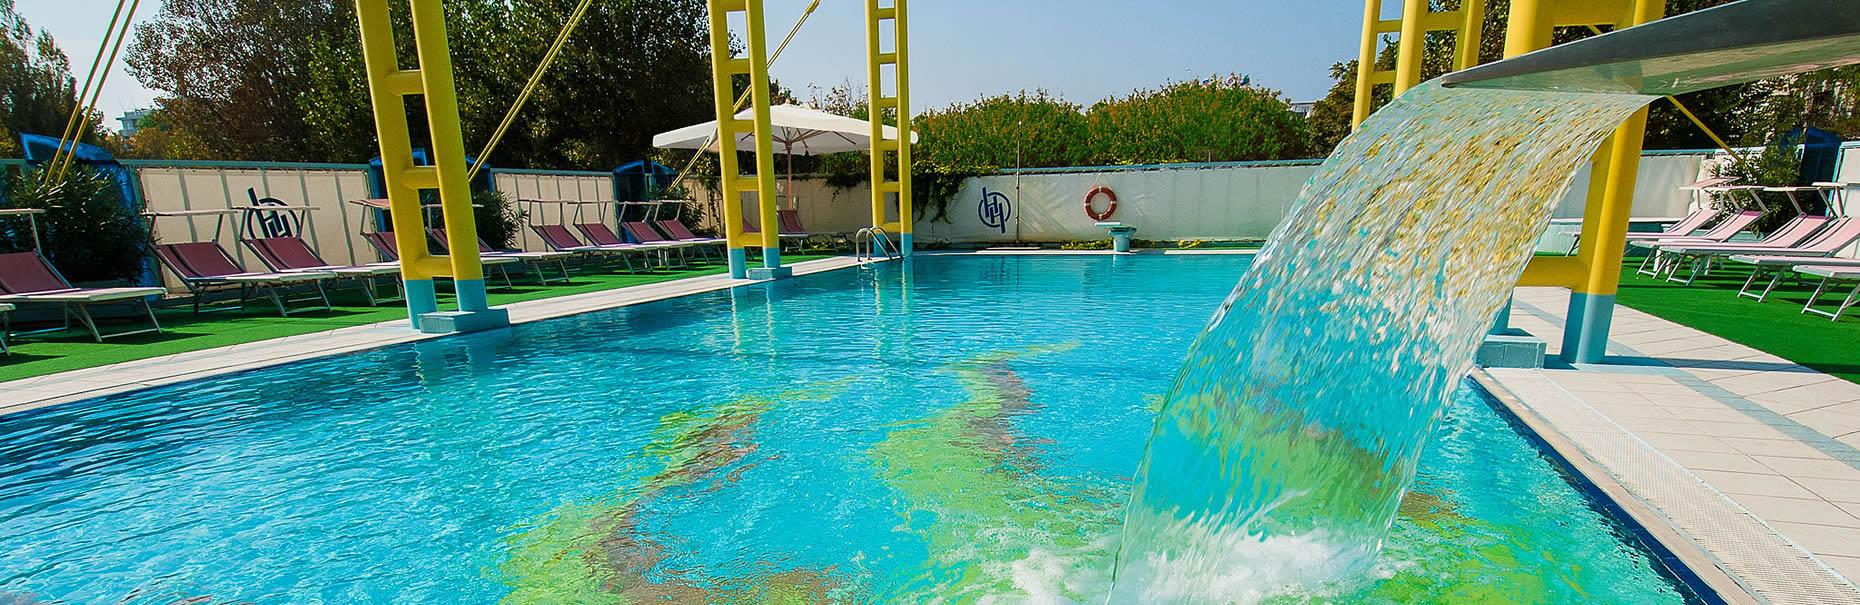 Hotel 4 Stelle Rimini Con Piscina Riscaldata Albergo Con